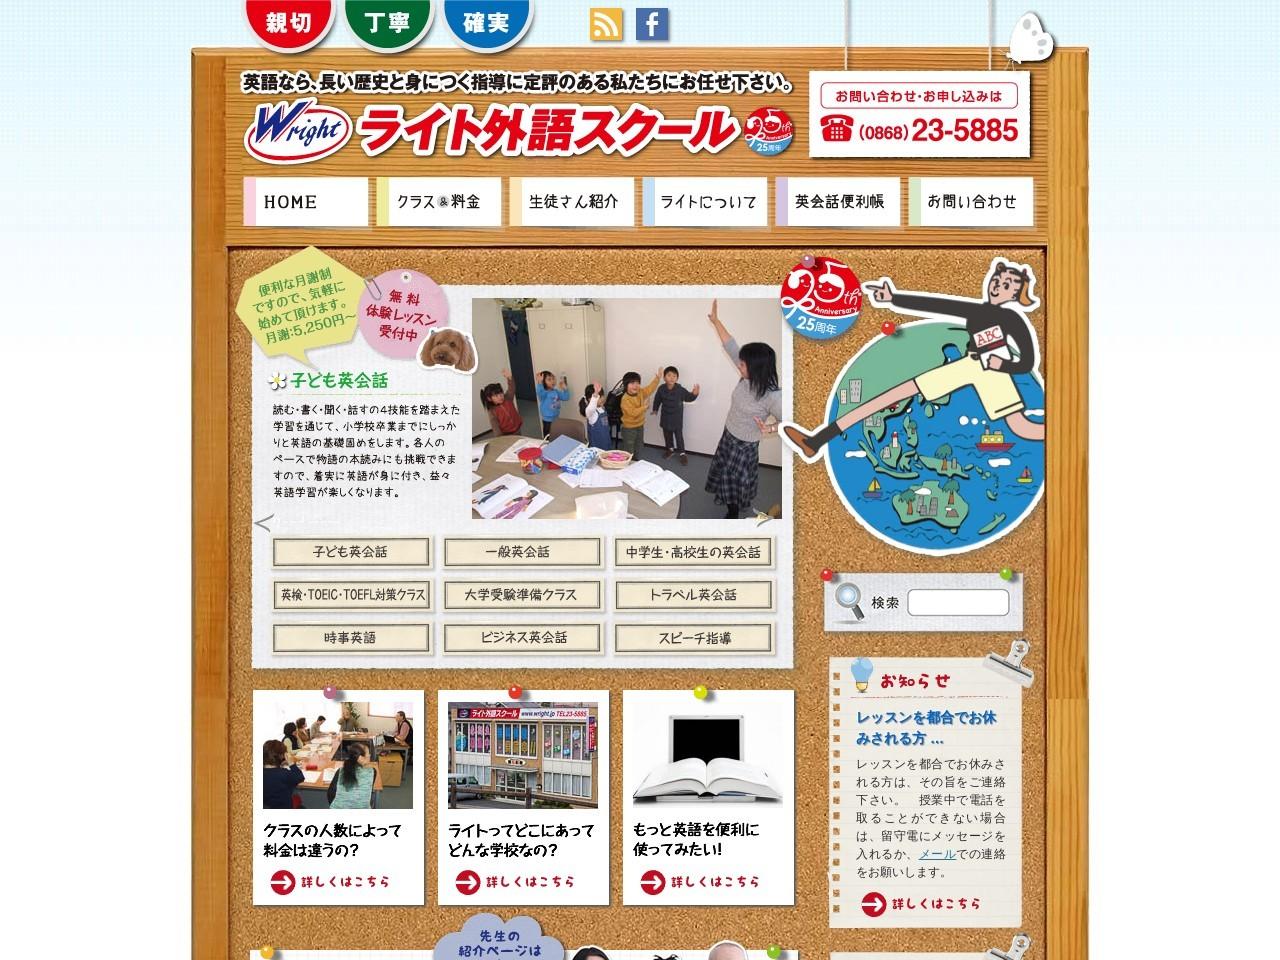 ライト外語スクール